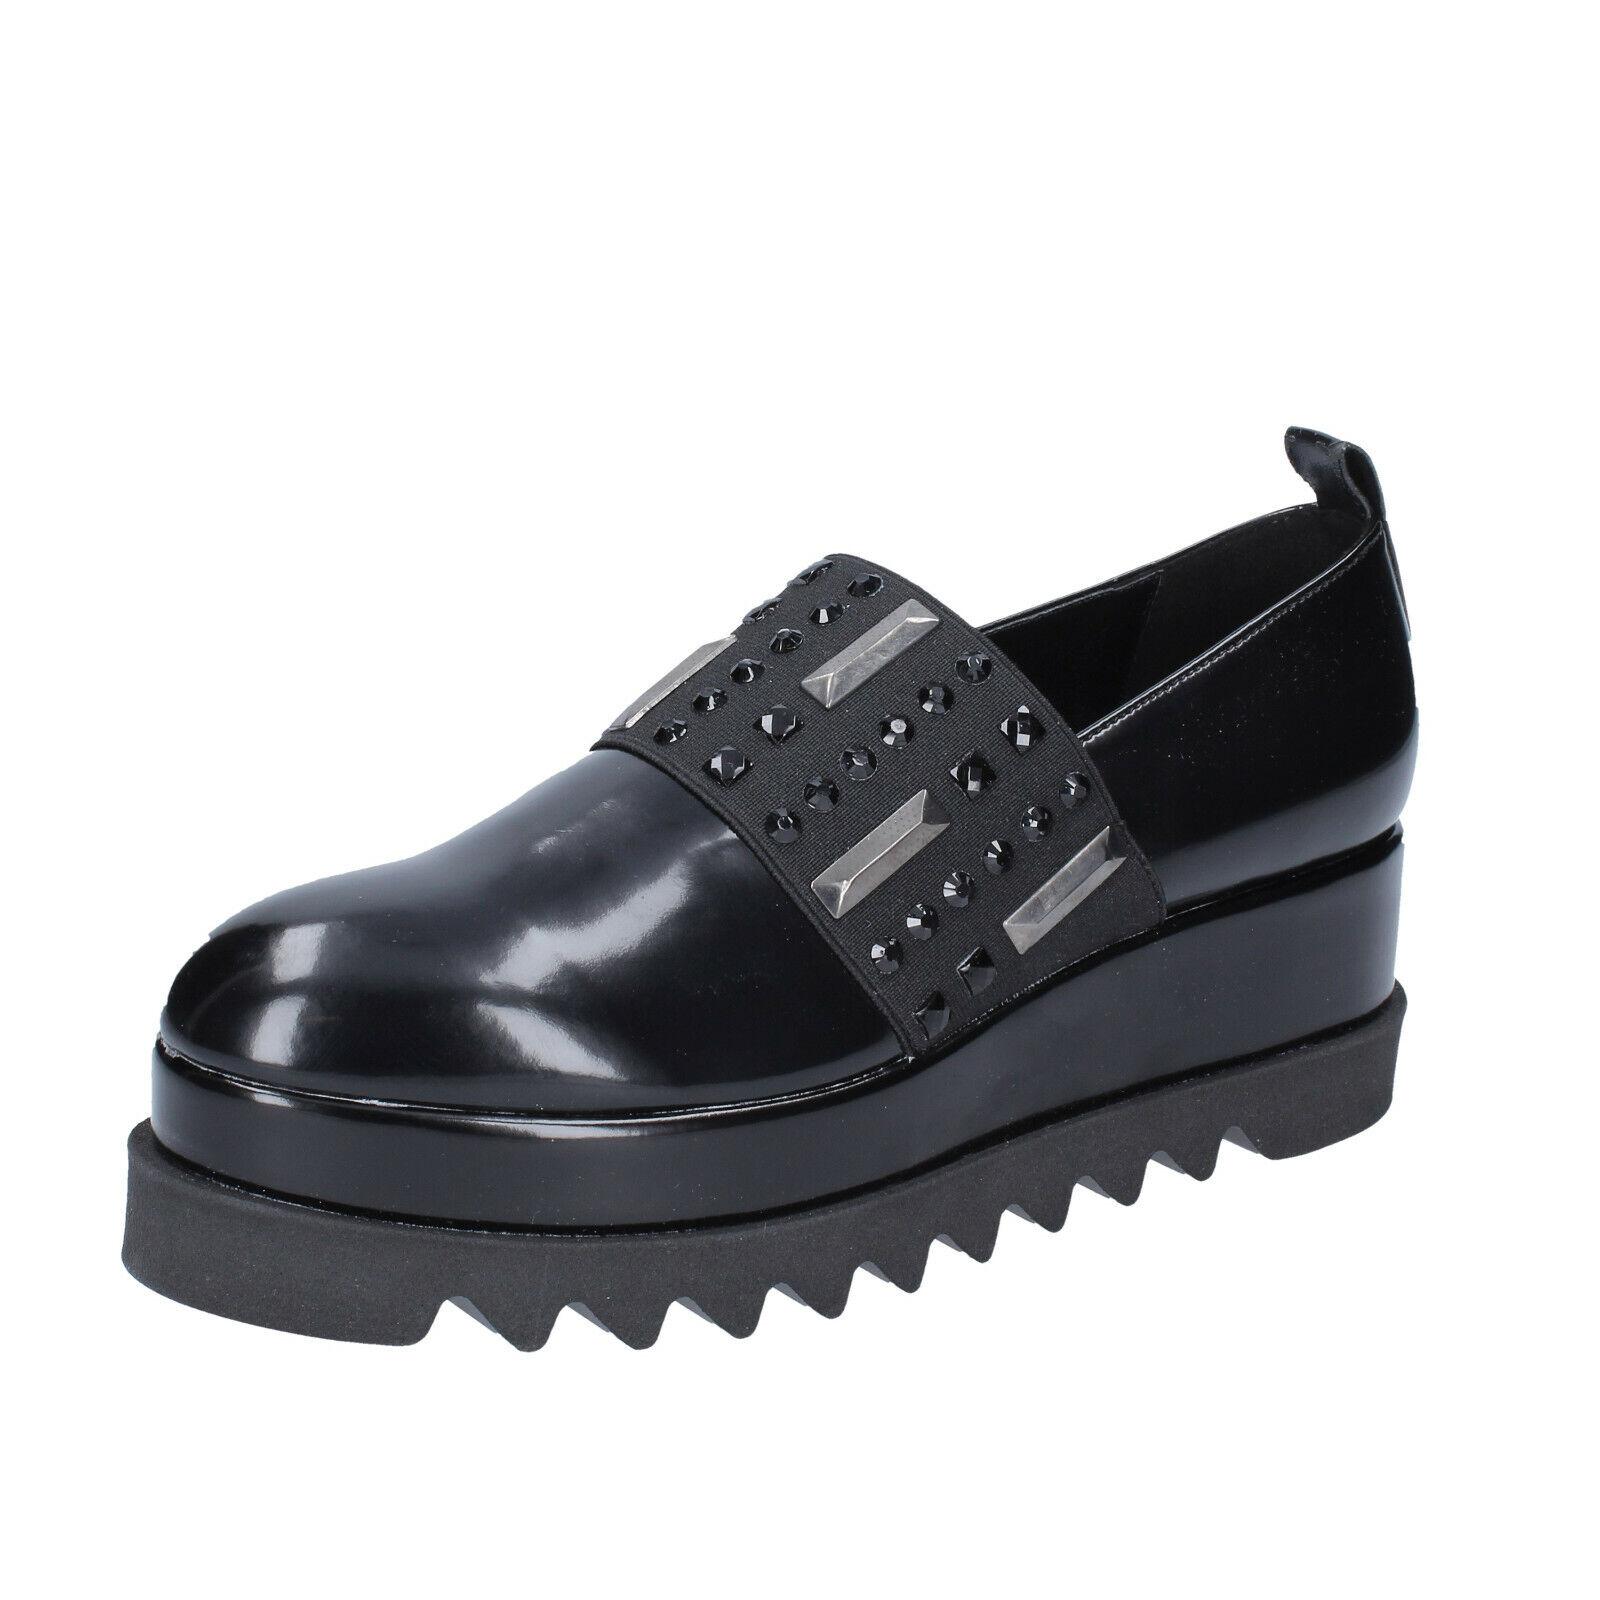 Chaussures femmes Olga Rubini 40 UE Slip on noir cuir bs833-40